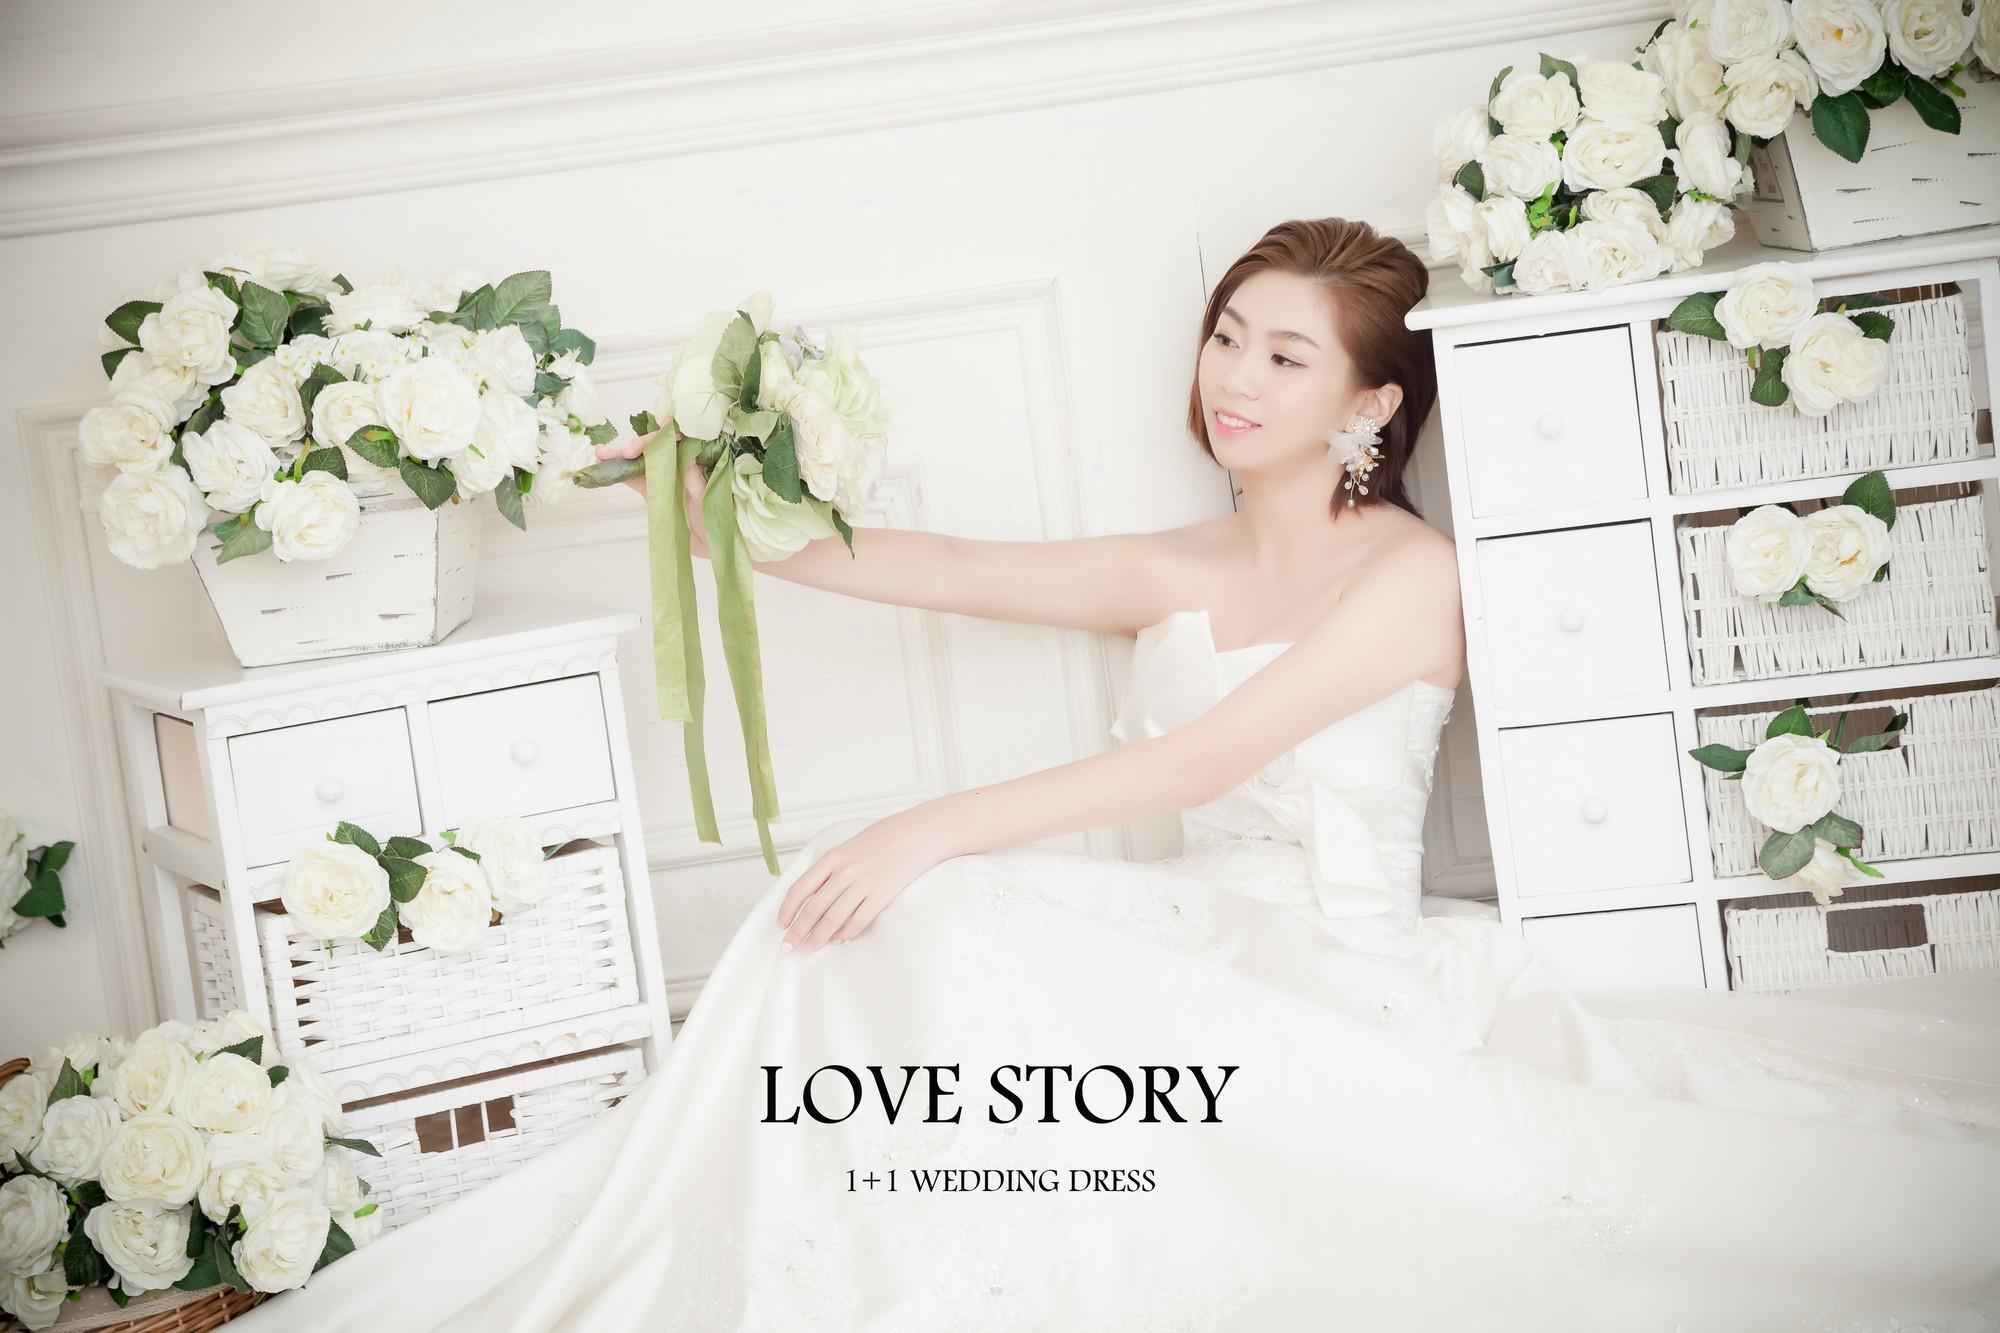 個人寫真,個人婚紗照,個人婚紗,個人照,個人寫真推薦,個人寫真 價格